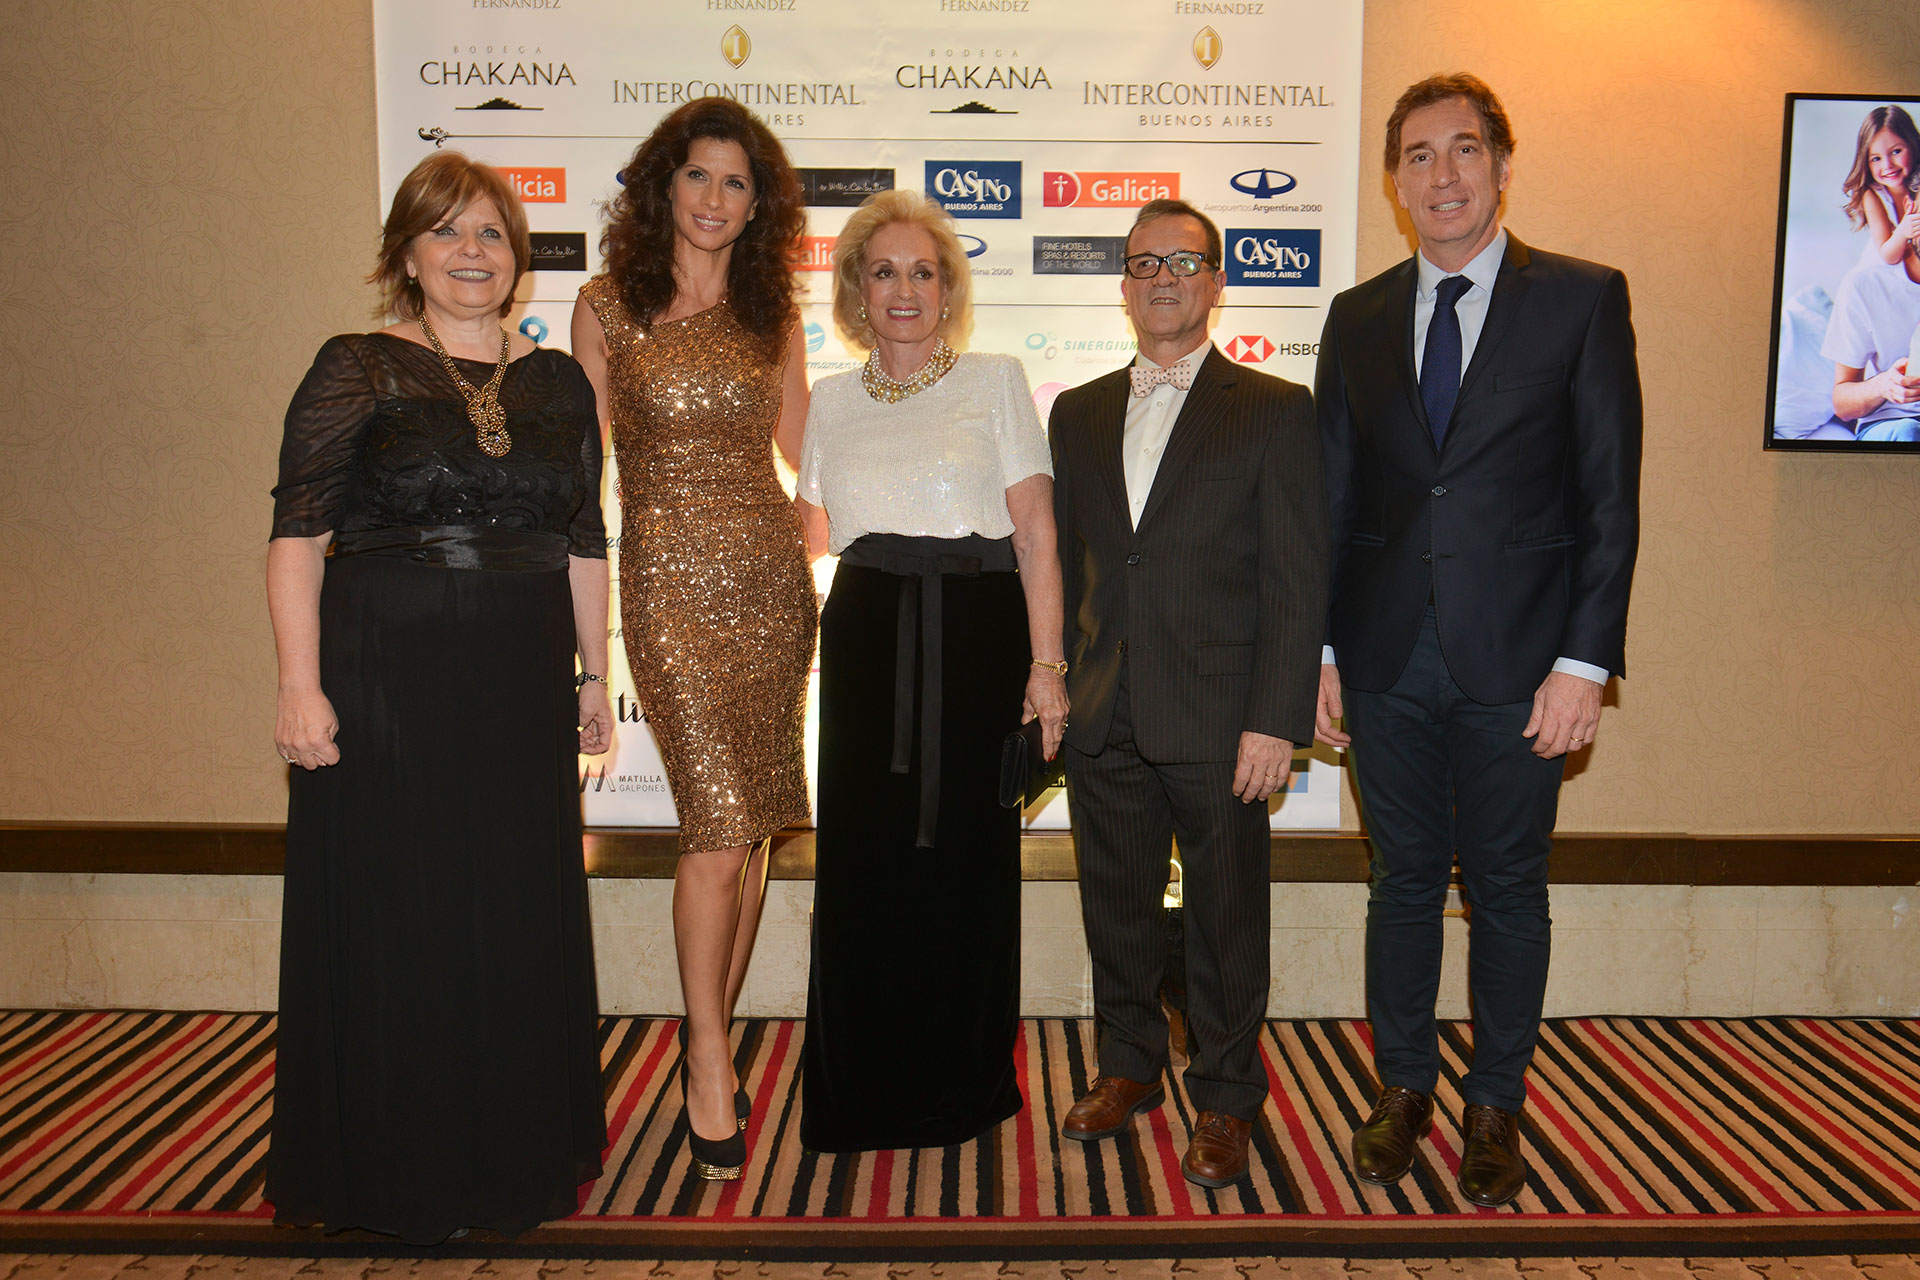 La ministra de Salud porteña, Ana María Bou Pérez; Analía Maiorana, Miriam Bagó; el director del Hospital Fernández, Ignacio Previgliano; y Diego Santilli.